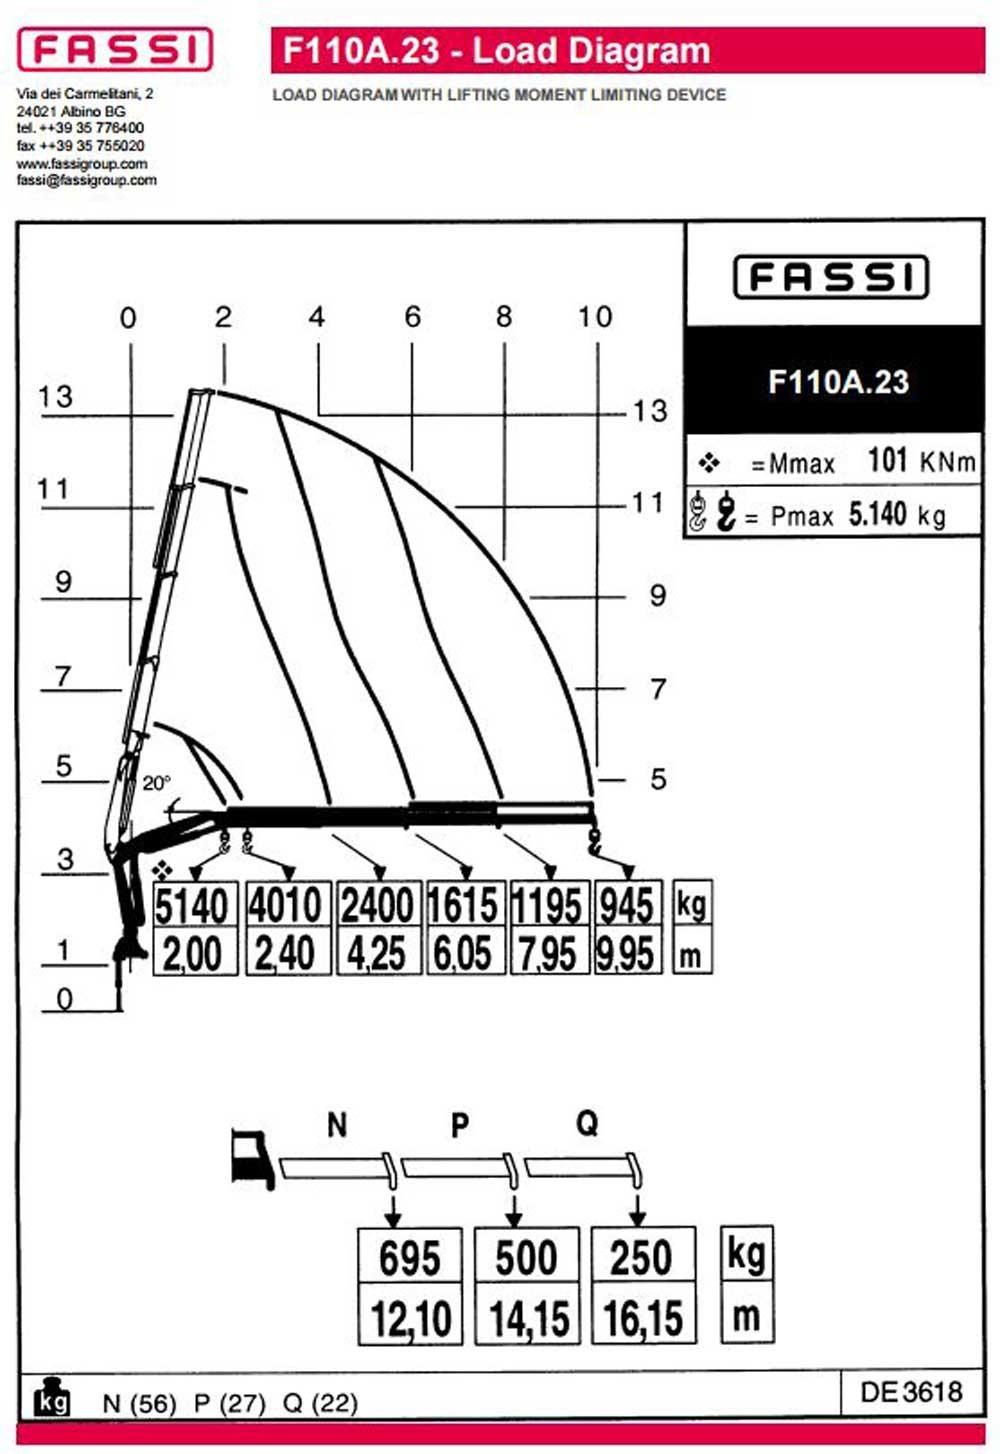 Fassi F110a 23 Load Chart